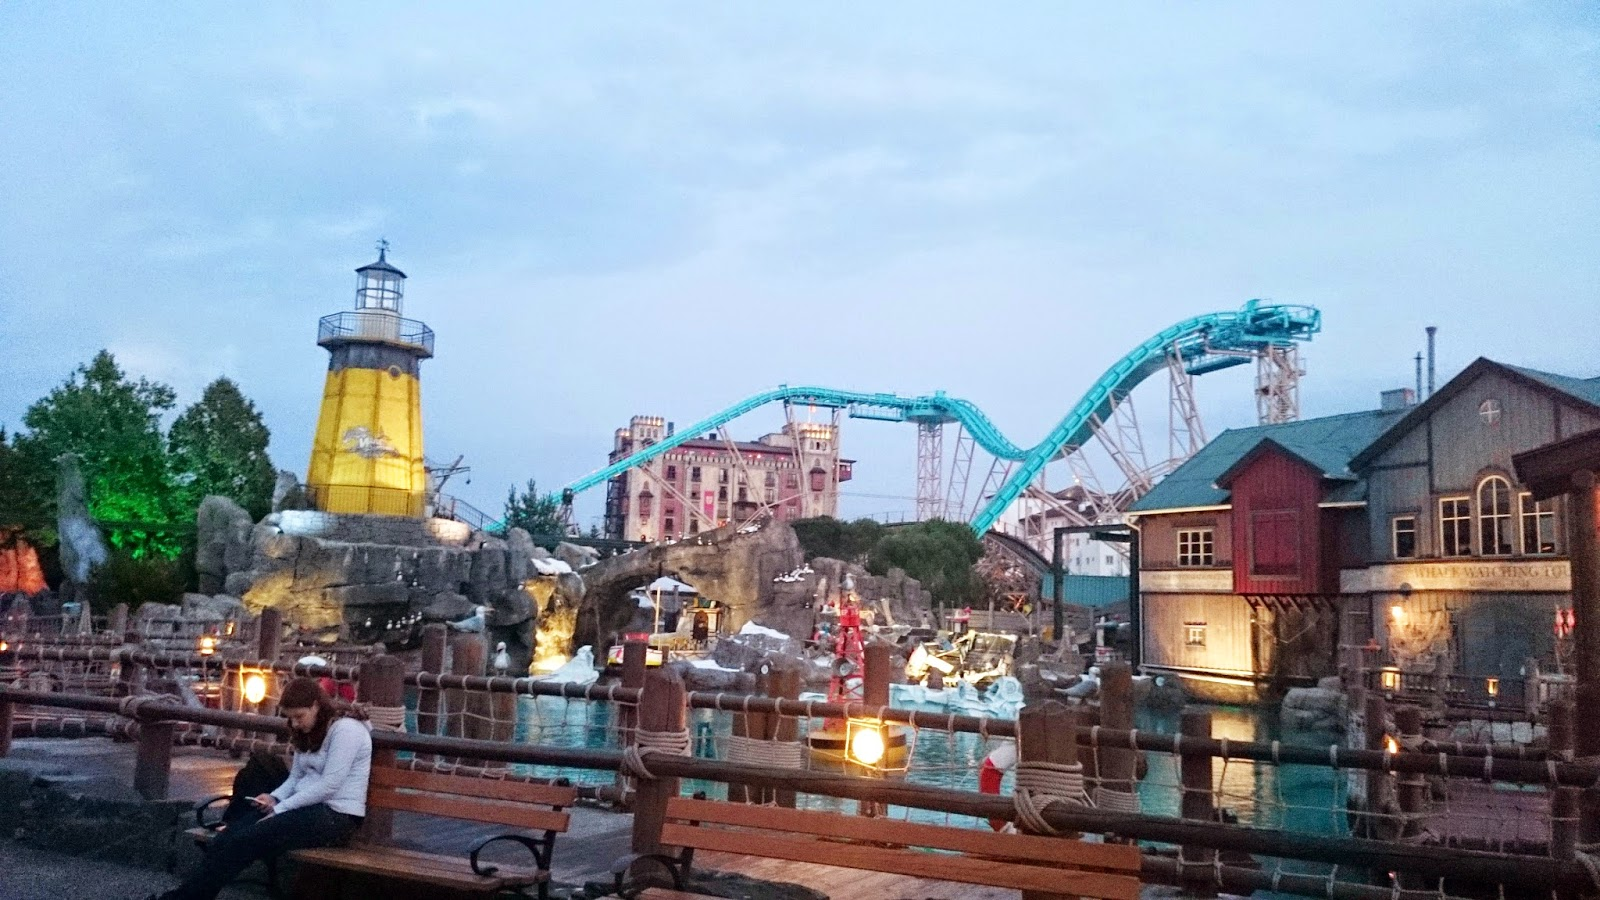 europa park,park rozrywki,rust,atrakcje dla dzieci,park rozrywki w niemczech,blog wnętrza,blog parentingowy,lifestyle